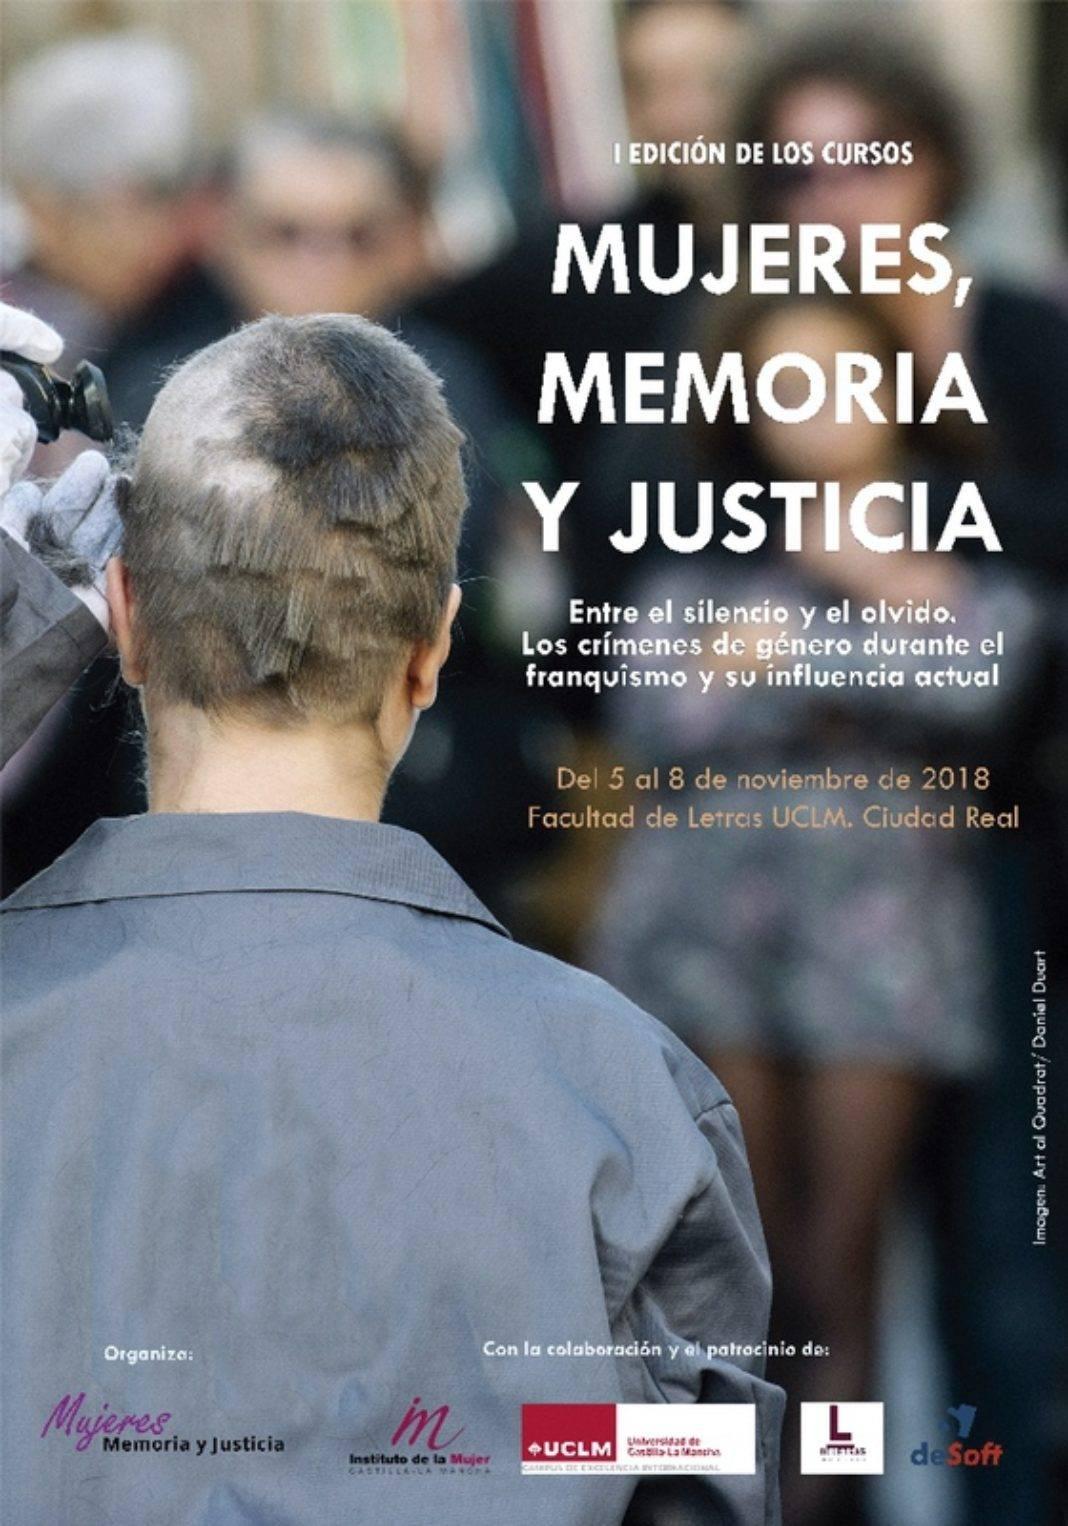 Un curso sobre los crímenes de género durante el franquismo aborda el caso de Herencia 10